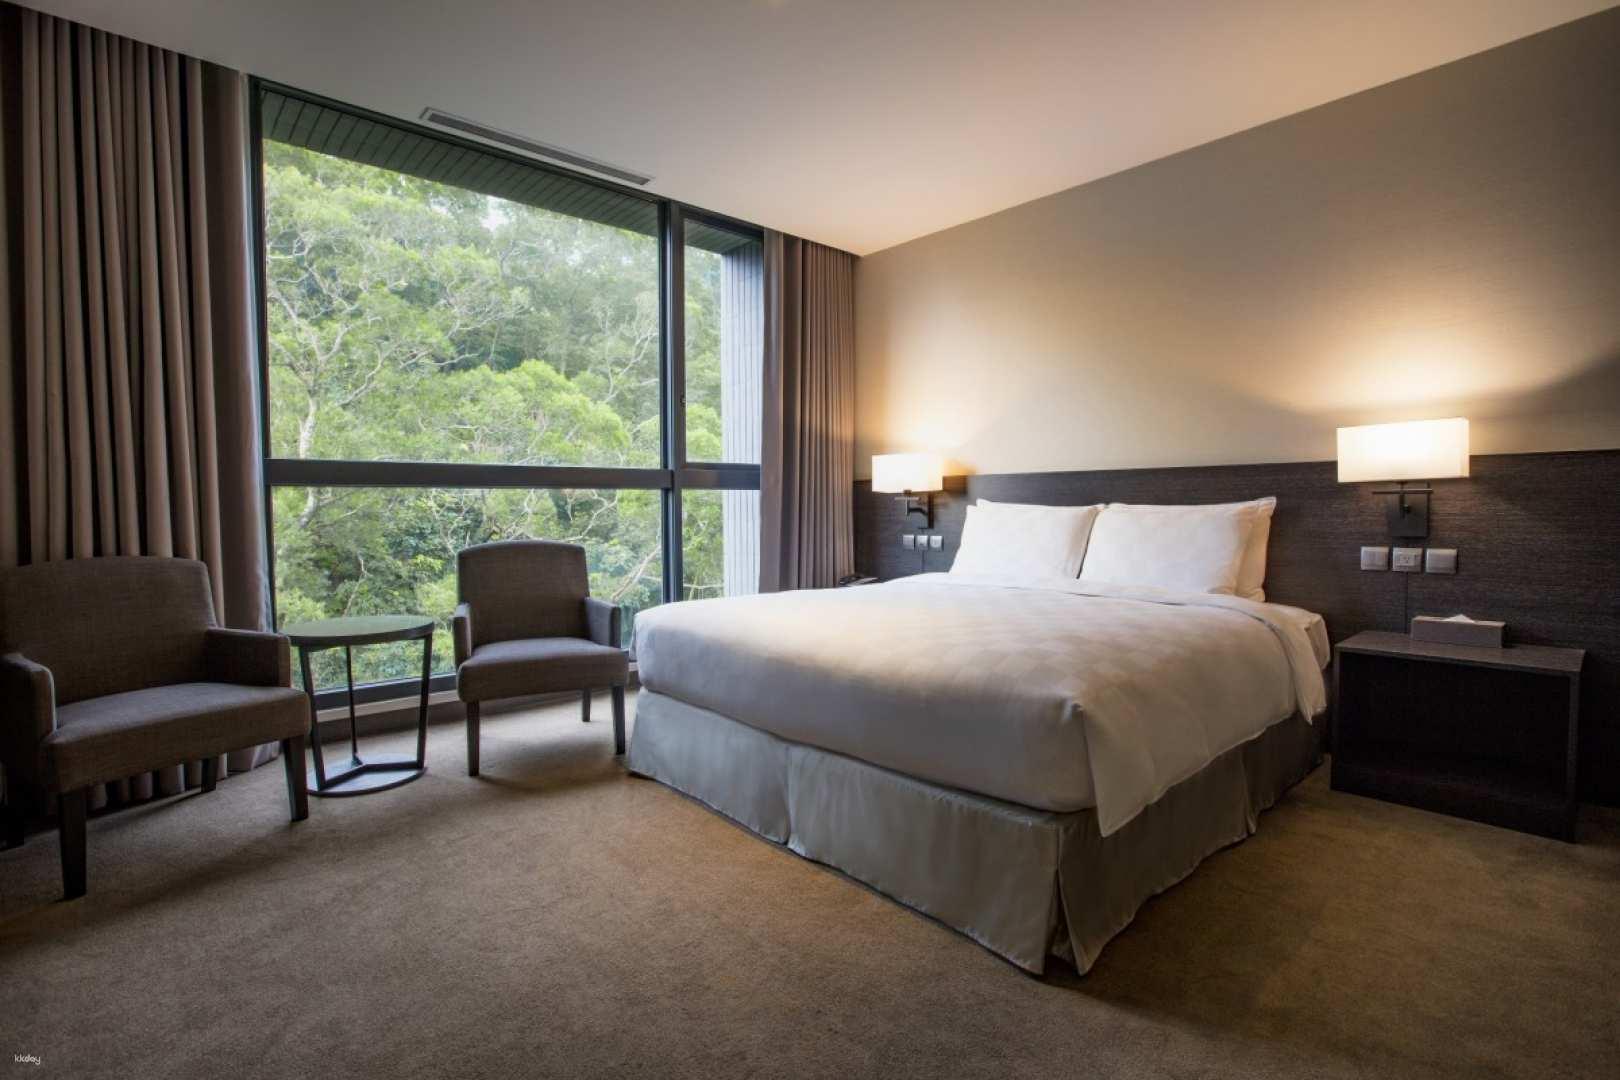 新北-(防疫旅館)白金花園酒店| 一泊三食-15晚居家檢疫專案| 住宿再贈送防疫計程車費